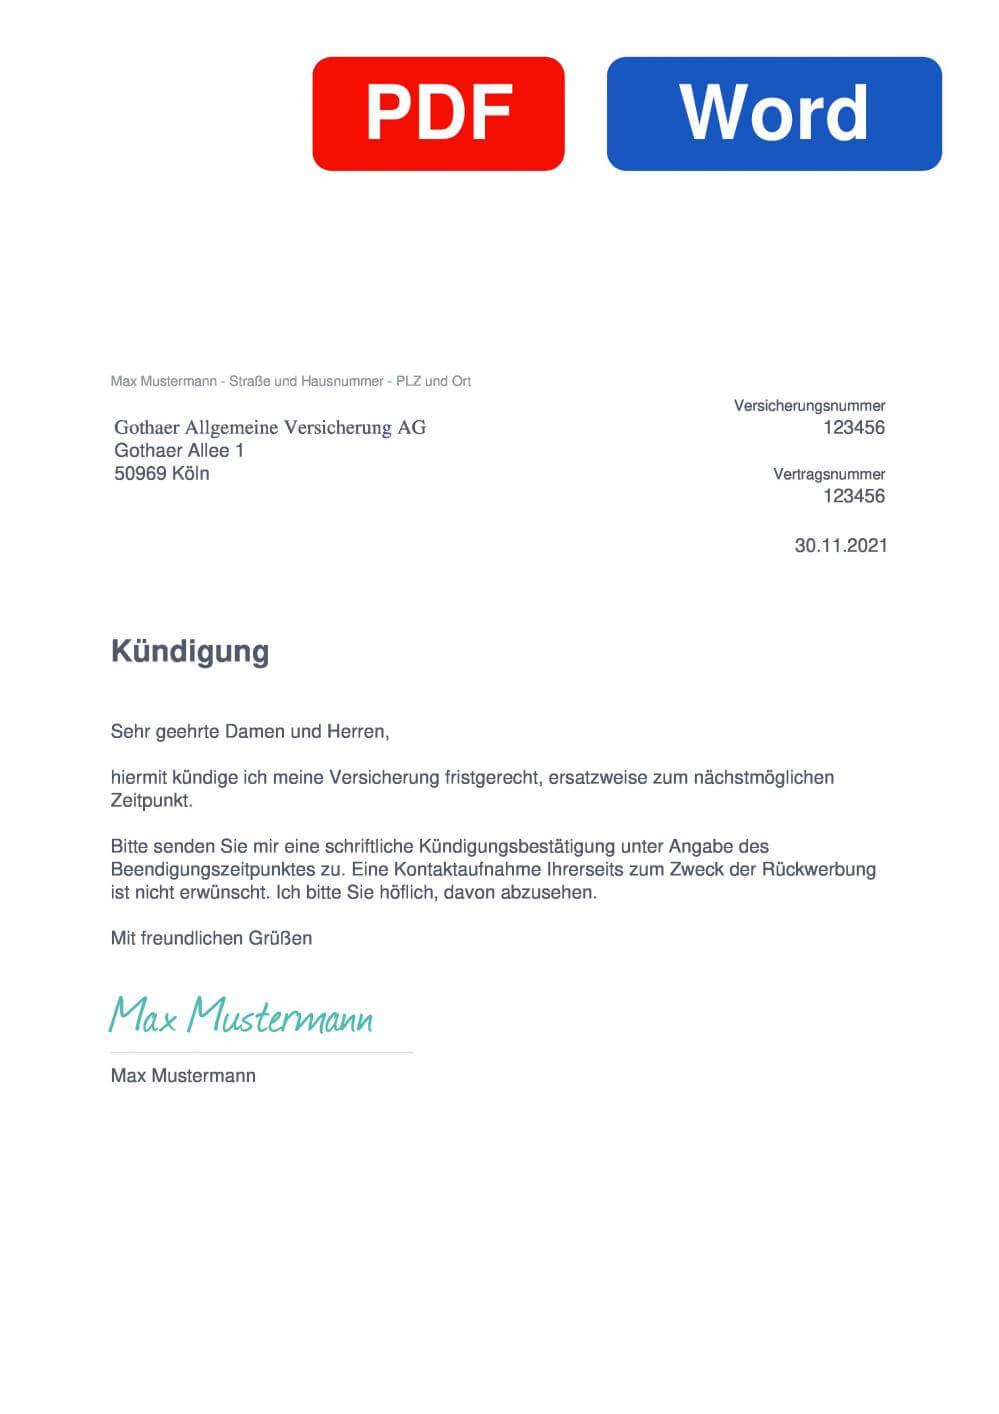 Gothaer Single Versicherung Muster Vorlage für Kündigungsschreiben